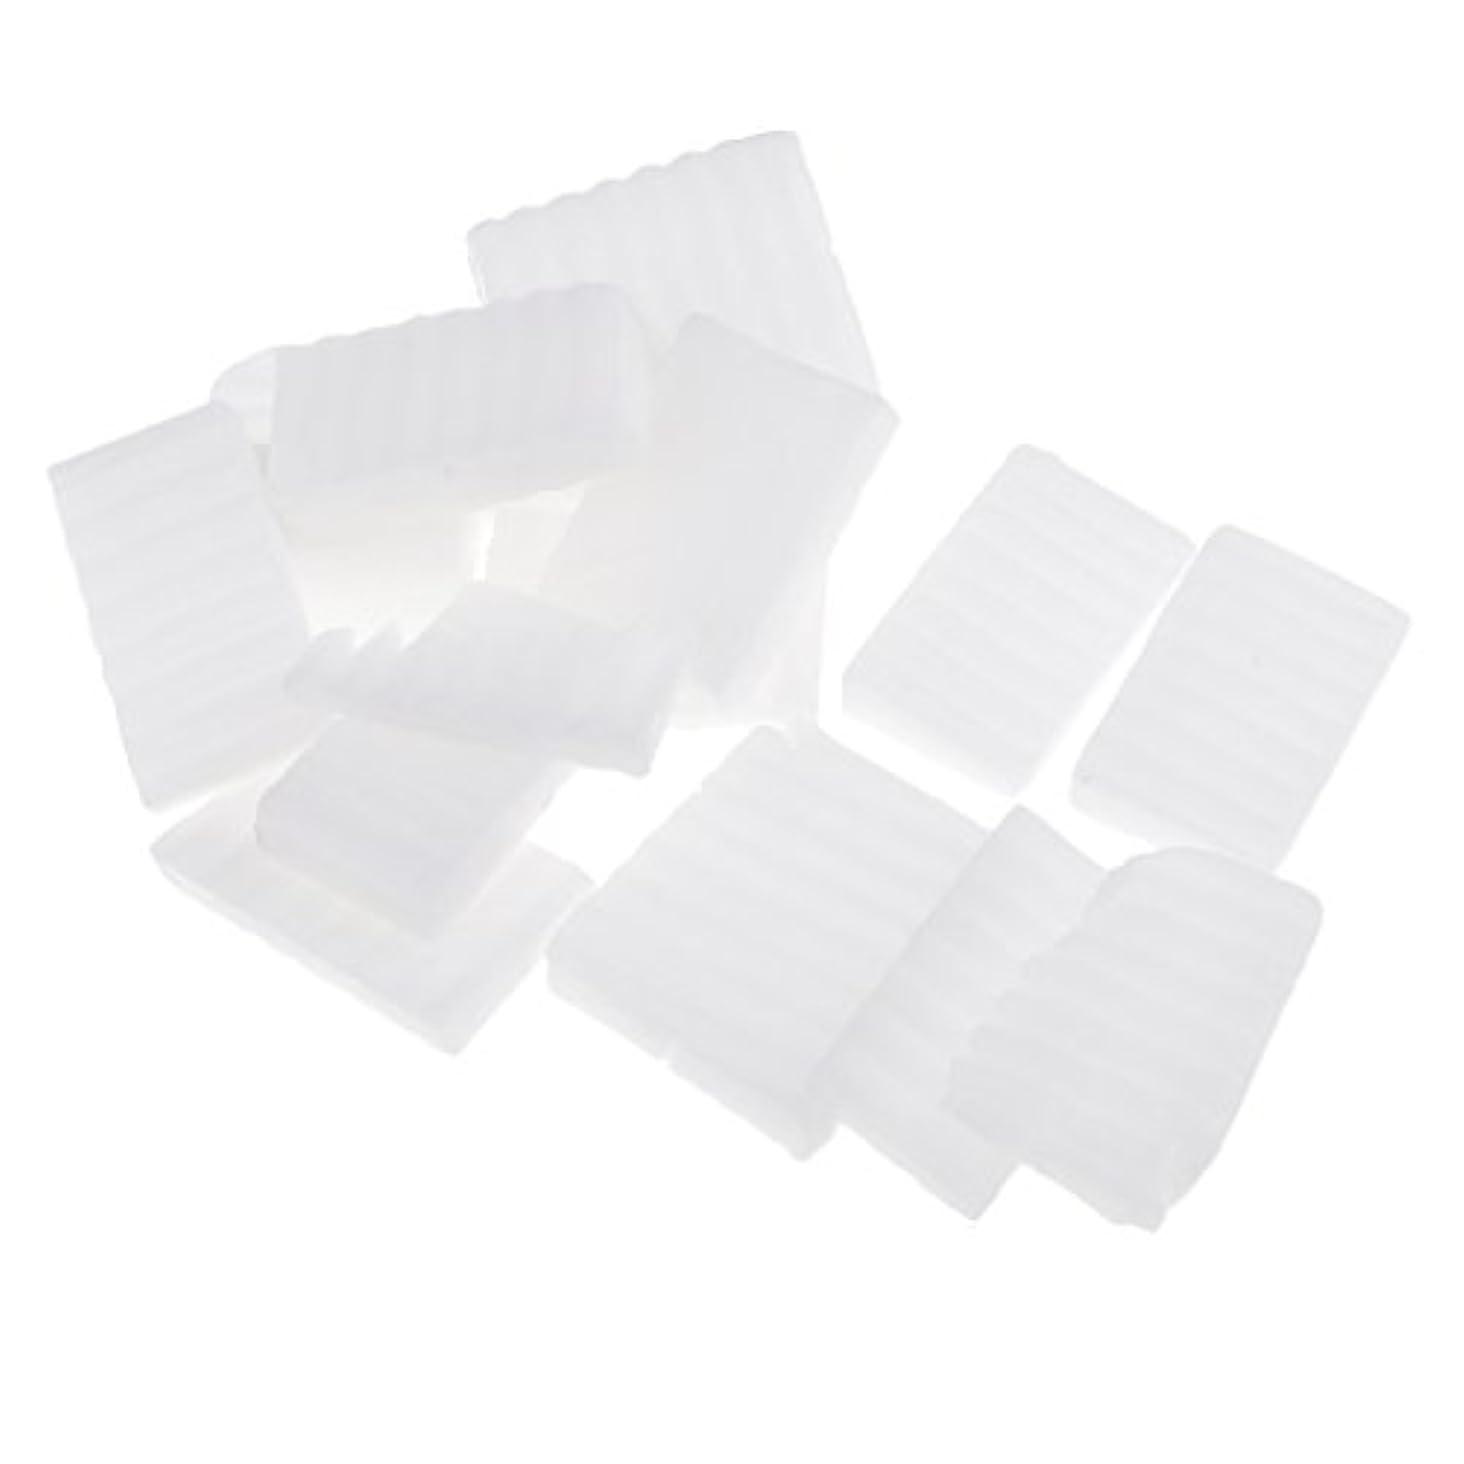 ジョージバーナード壁修羅場Perfk 白い 石鹸ベース DIY 手作り 石鹸 材料 約500g 手作り 石鹸のため